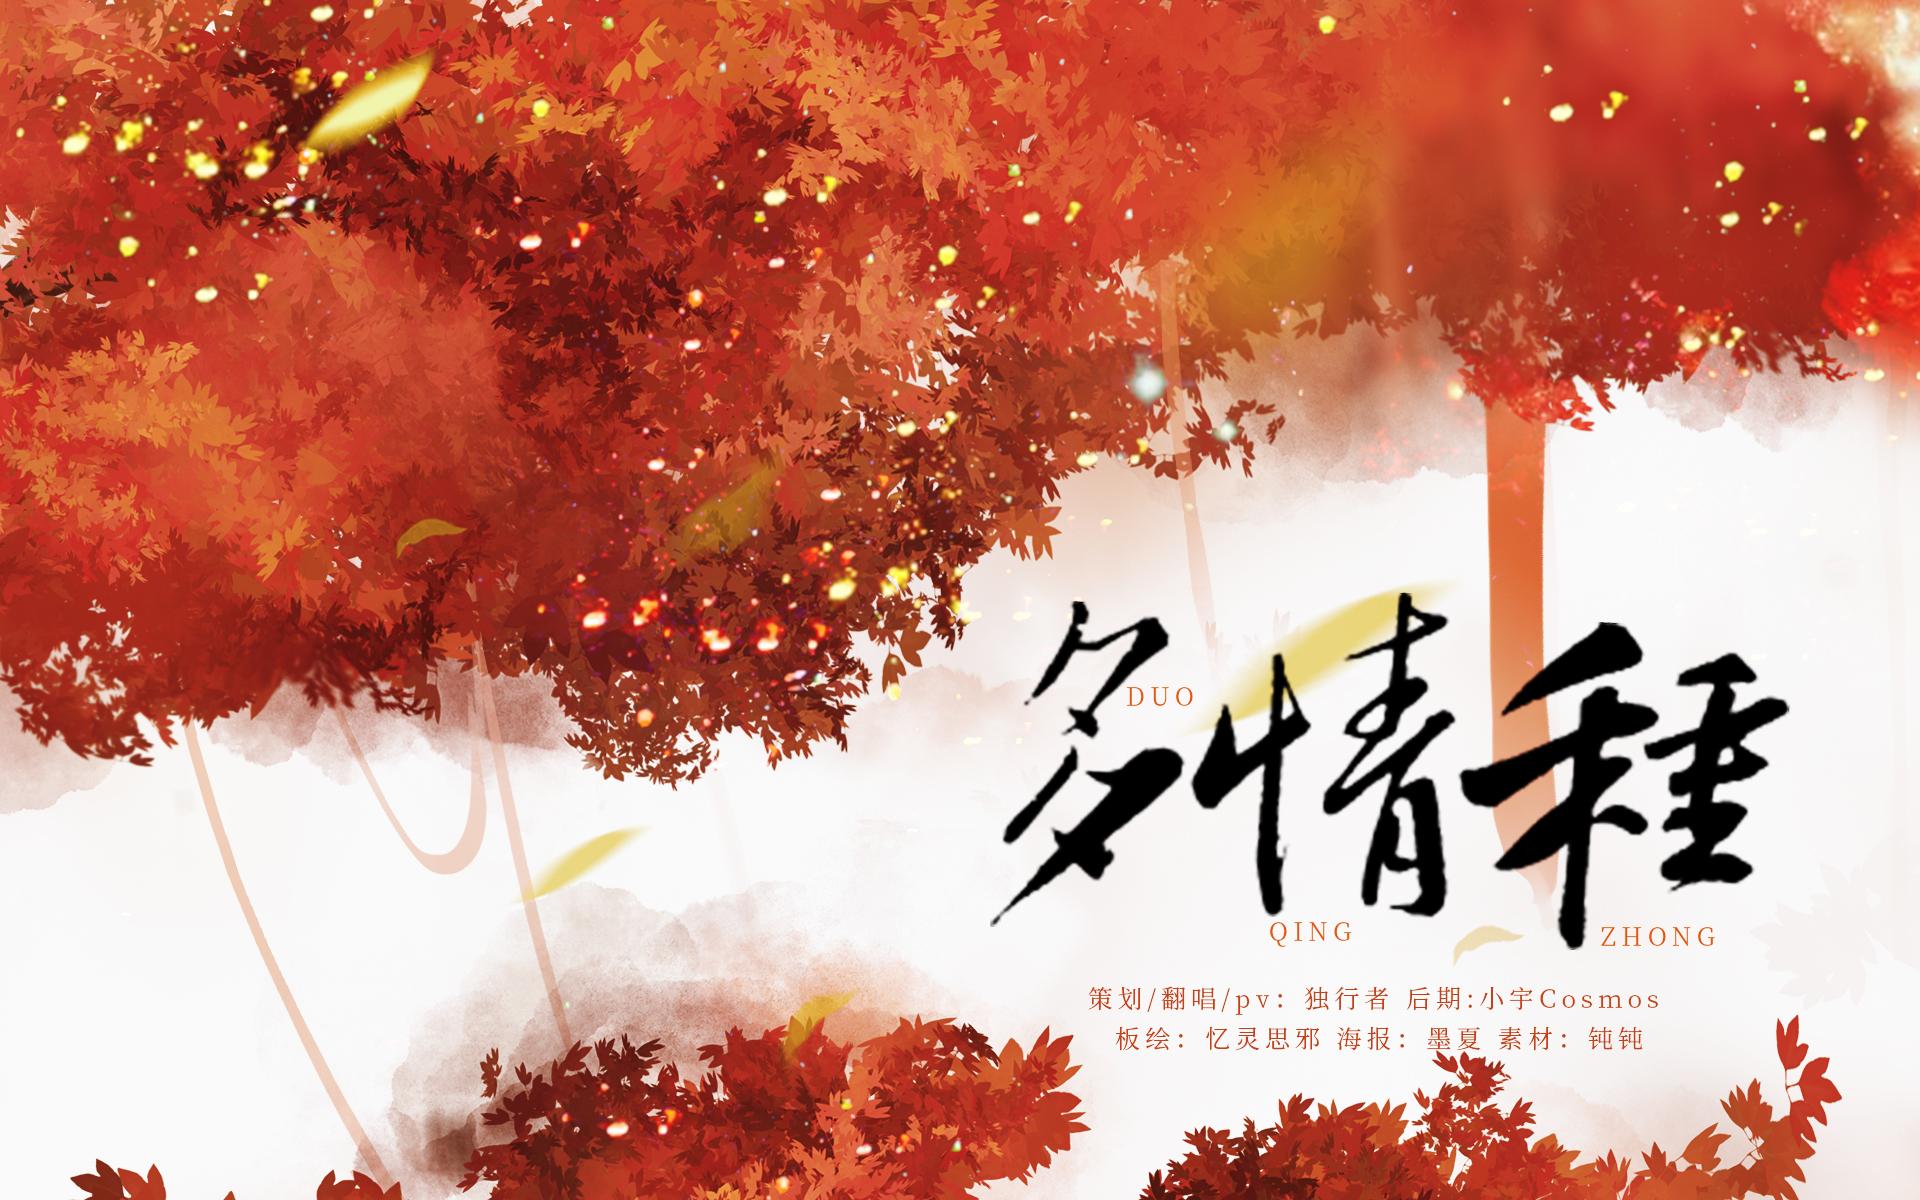 多情种 红颜葬歌 5SING中国原创音乐基地